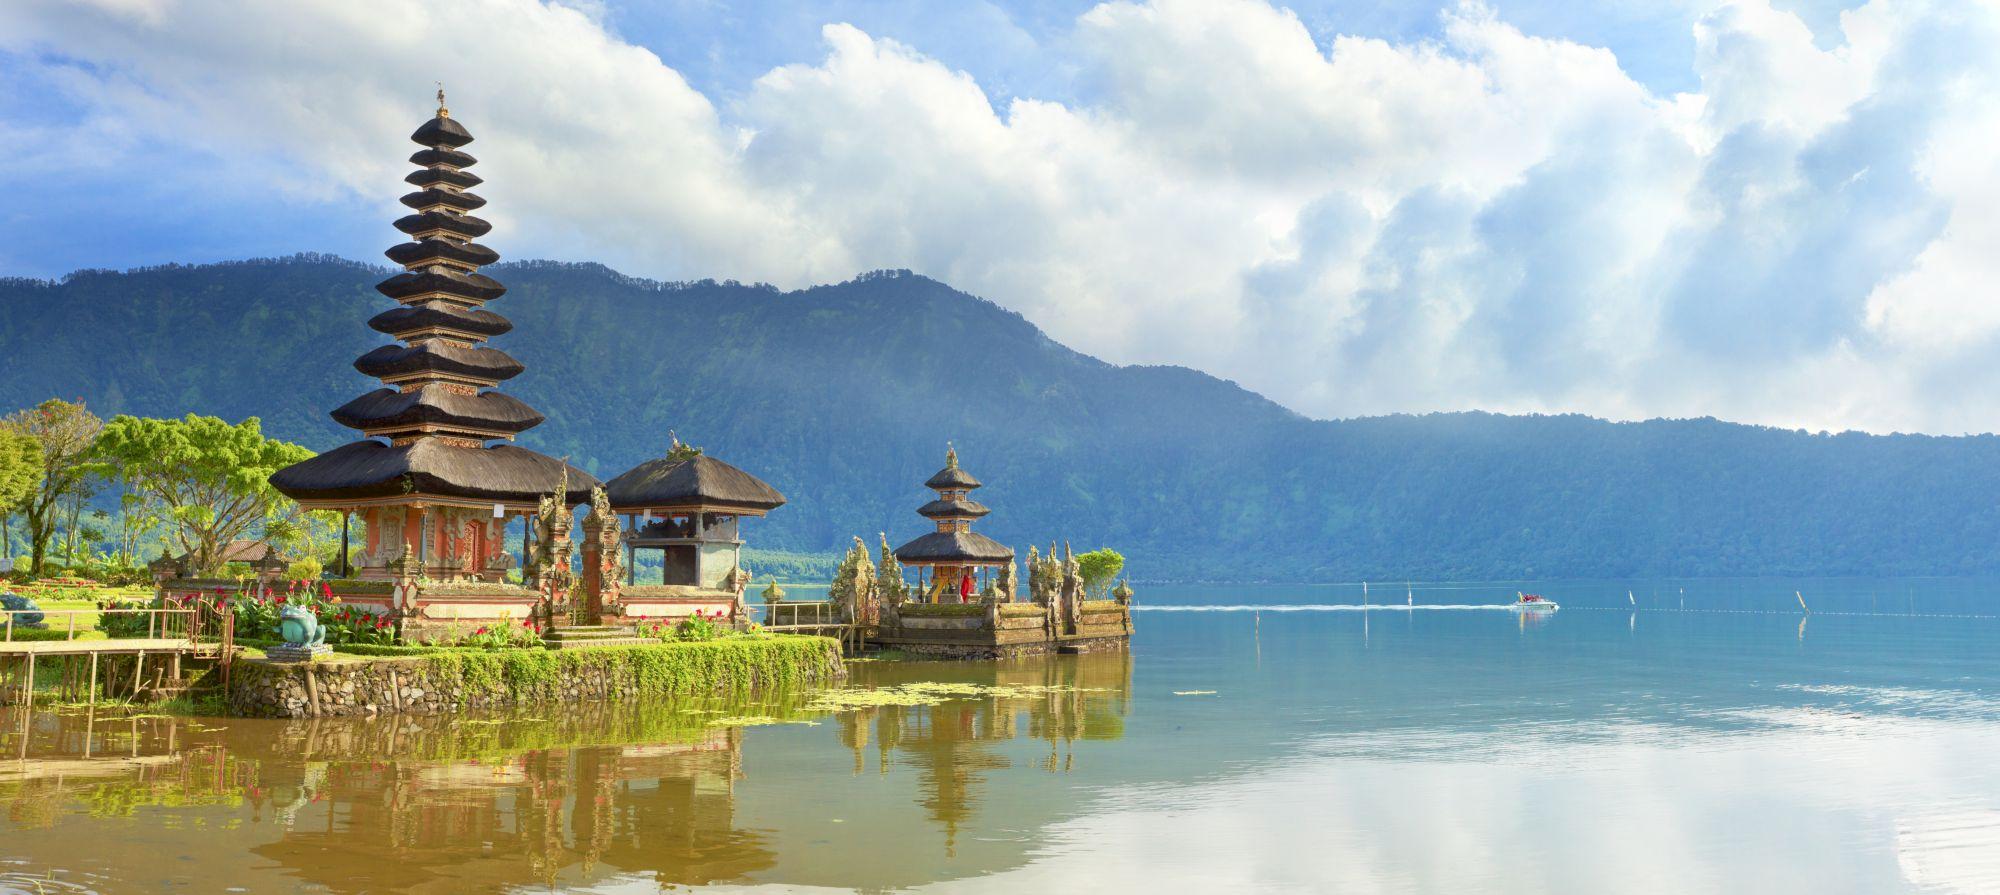 Indonesie Bali Pura Ulun Danu tempel op Beratan meer